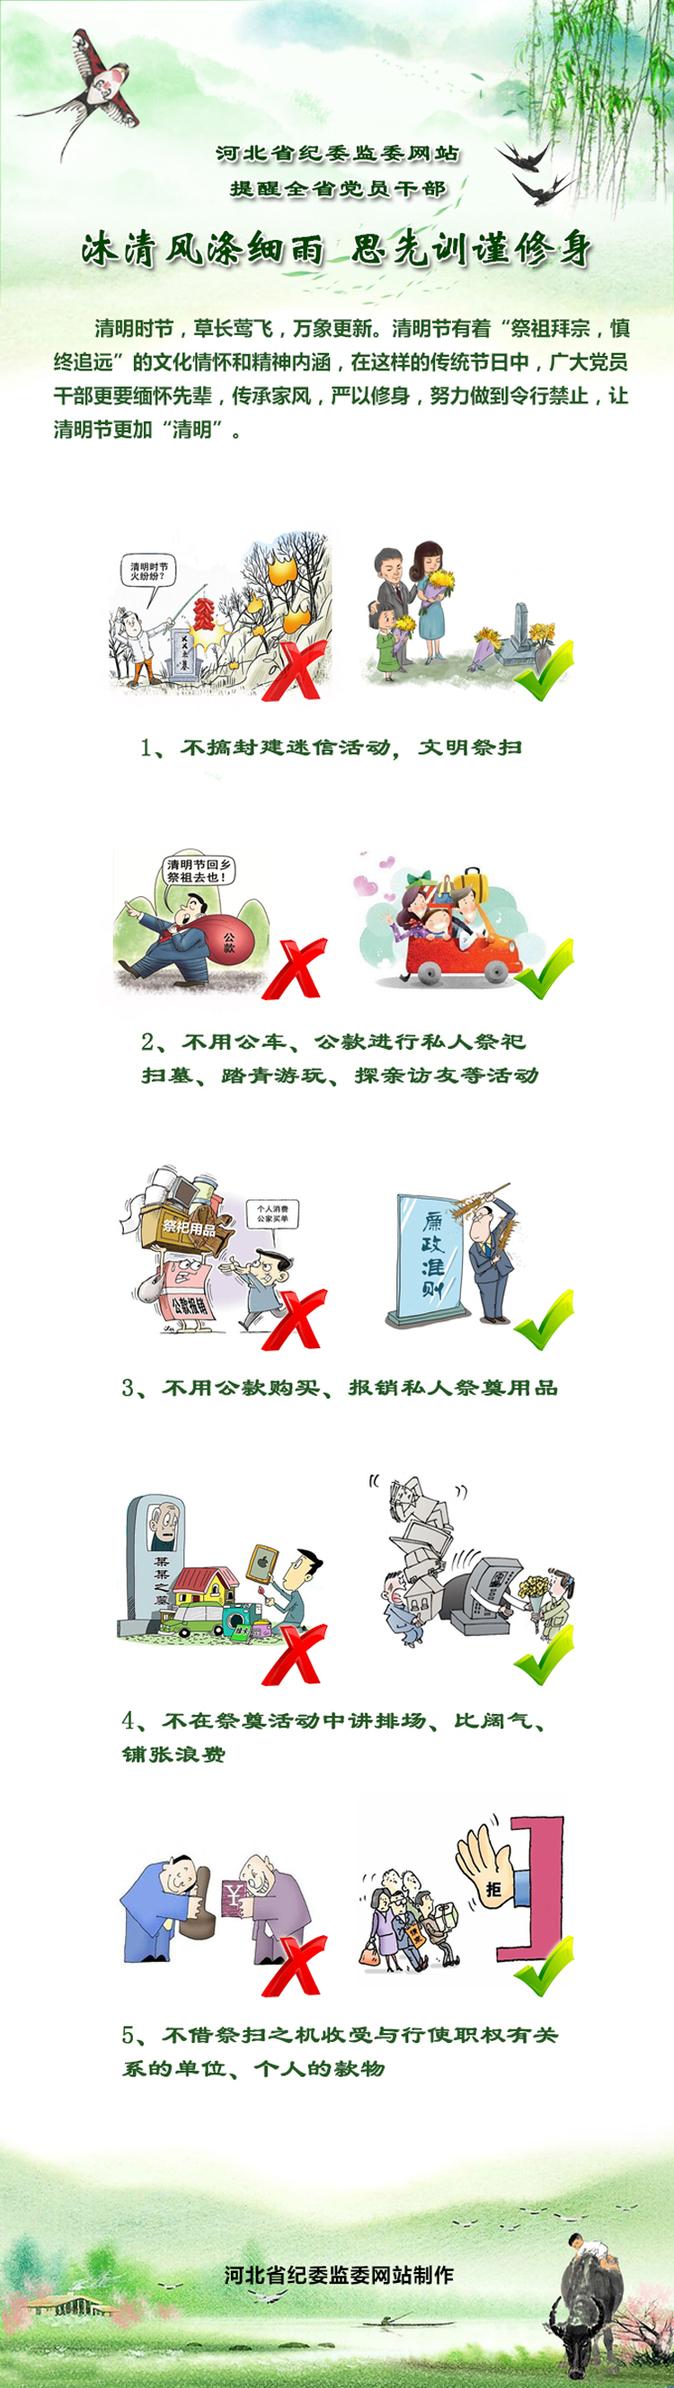 河北省纪委监委网站提醒全省党员干部